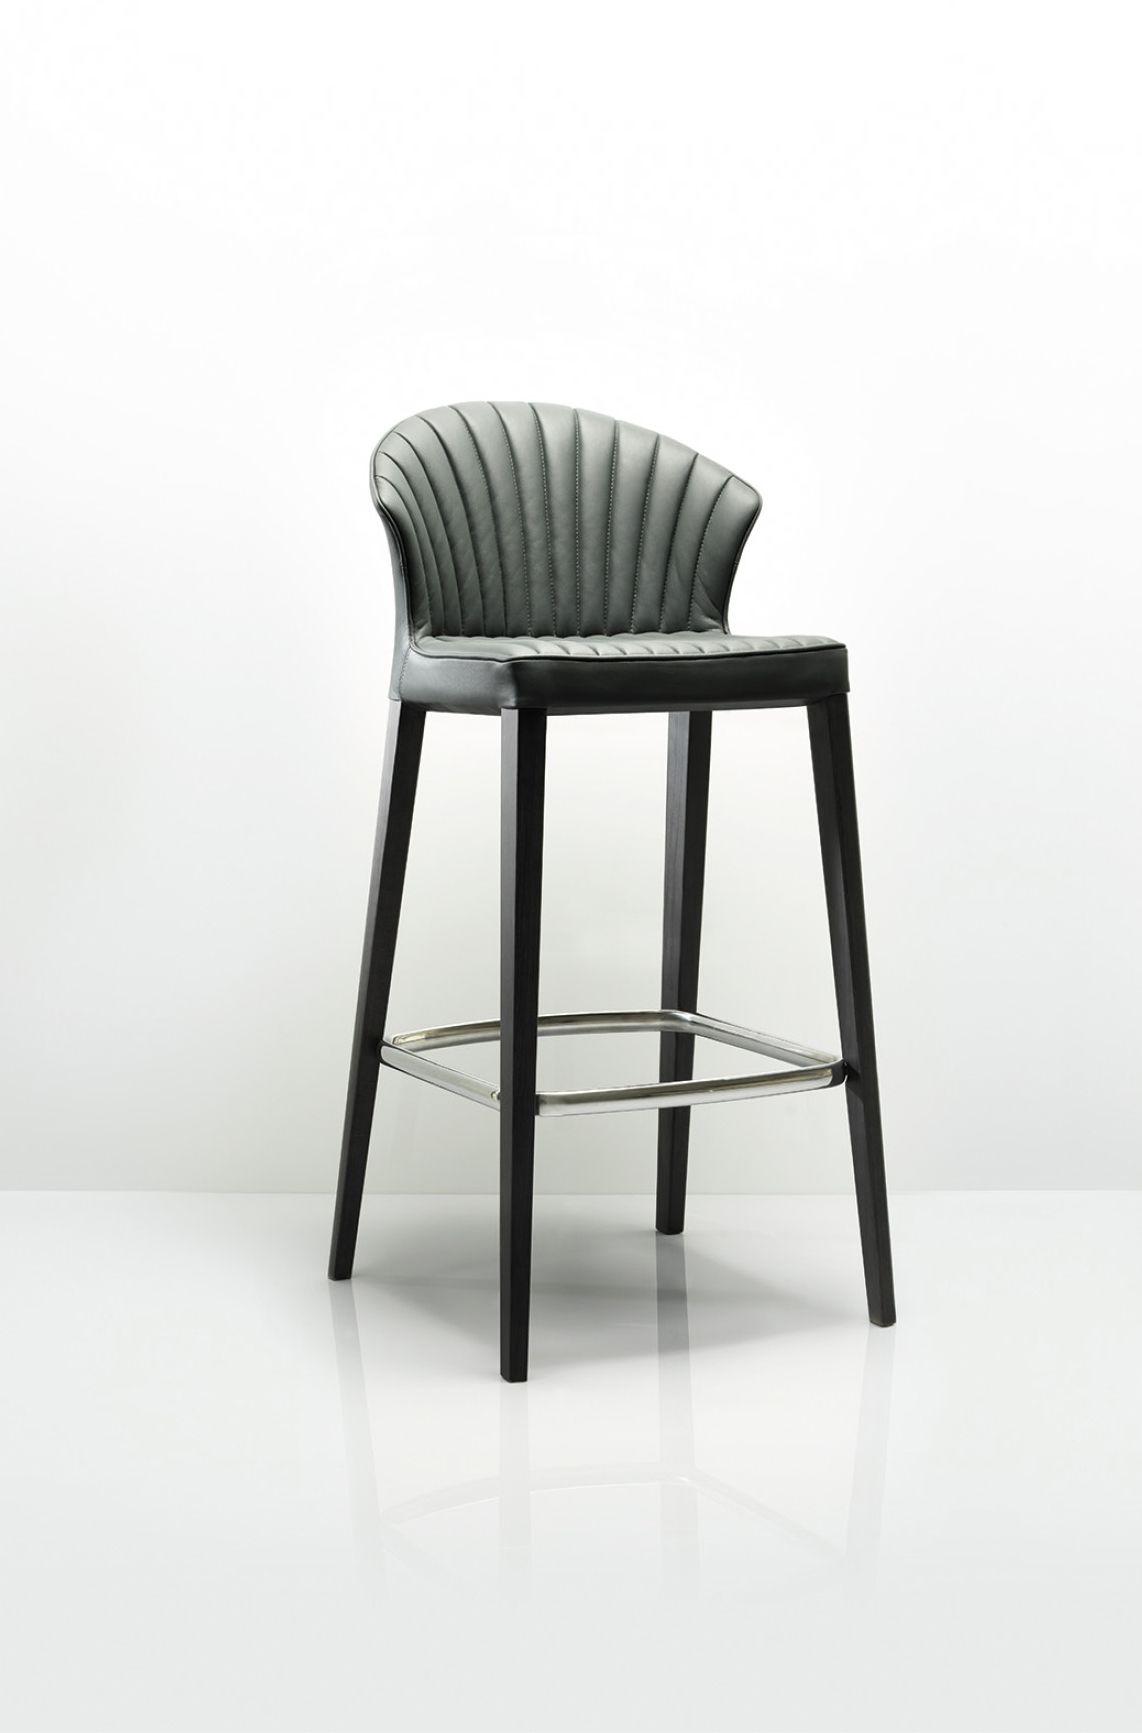 Cardita Allermuir Bar Chairs Furniture Bar Stool Chairs